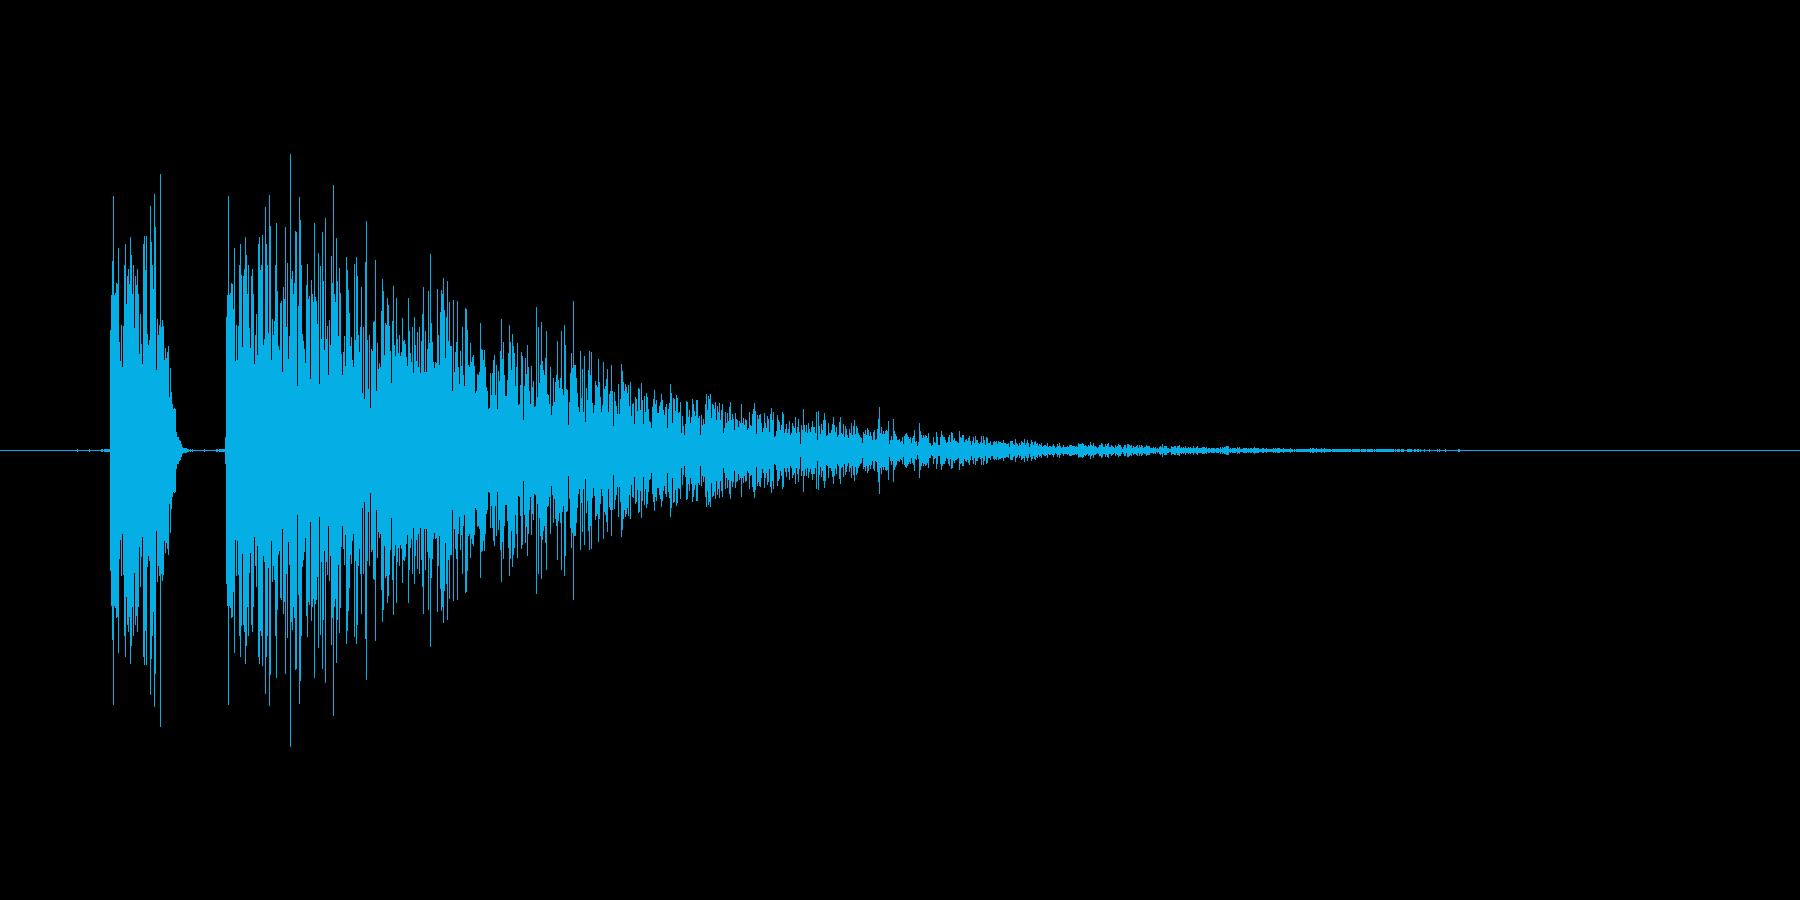 レトロな攻撃音。射撃やビーム。の再生済みの波形